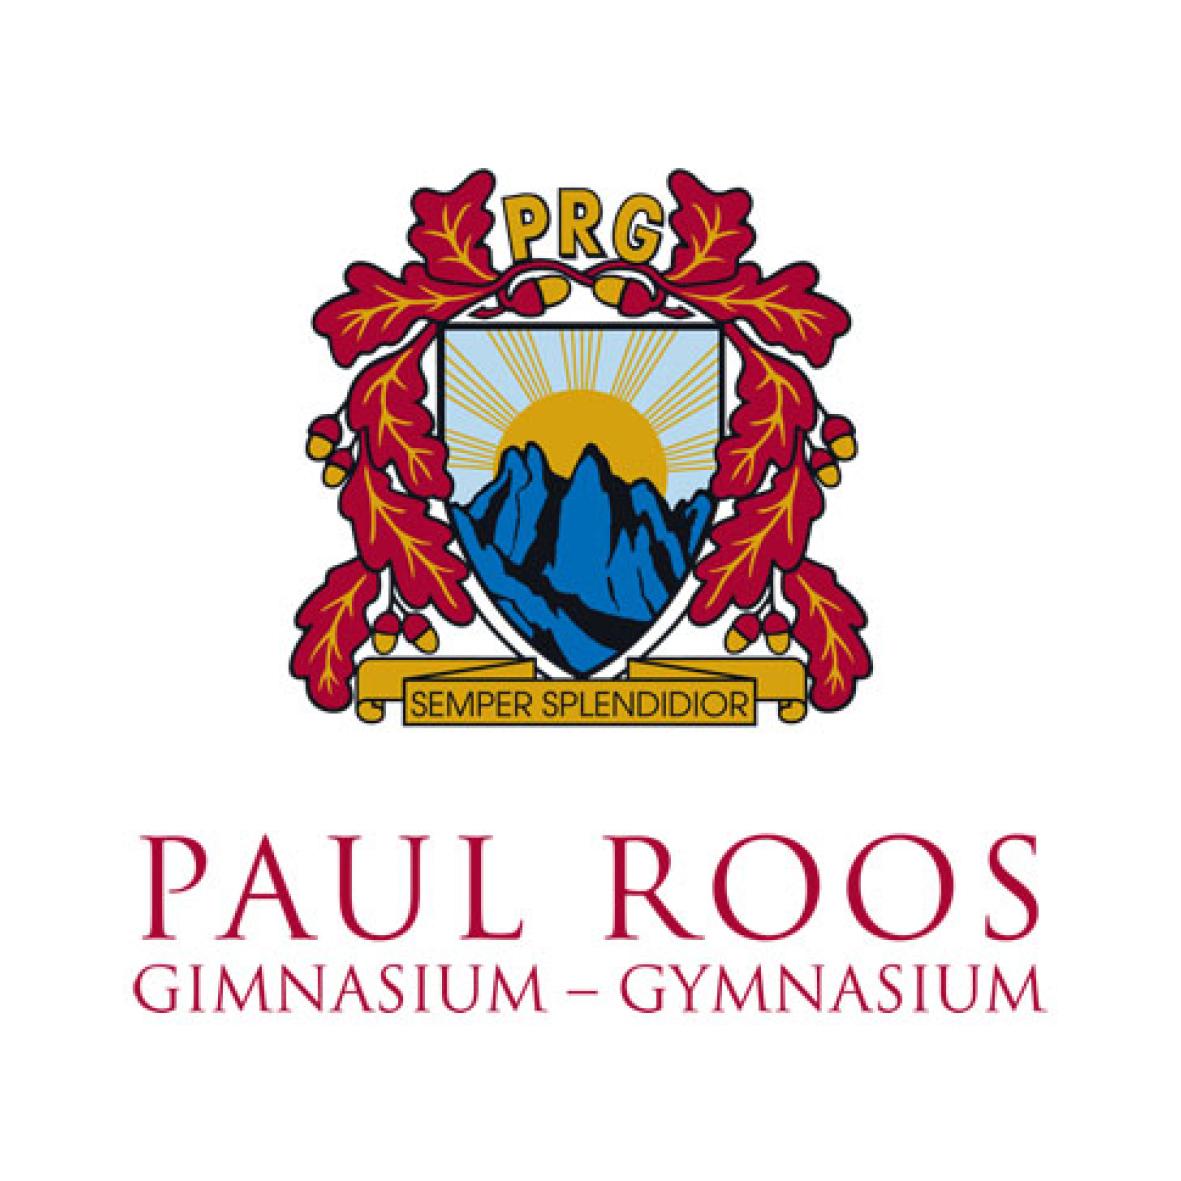 Paul Roos Gymnasium